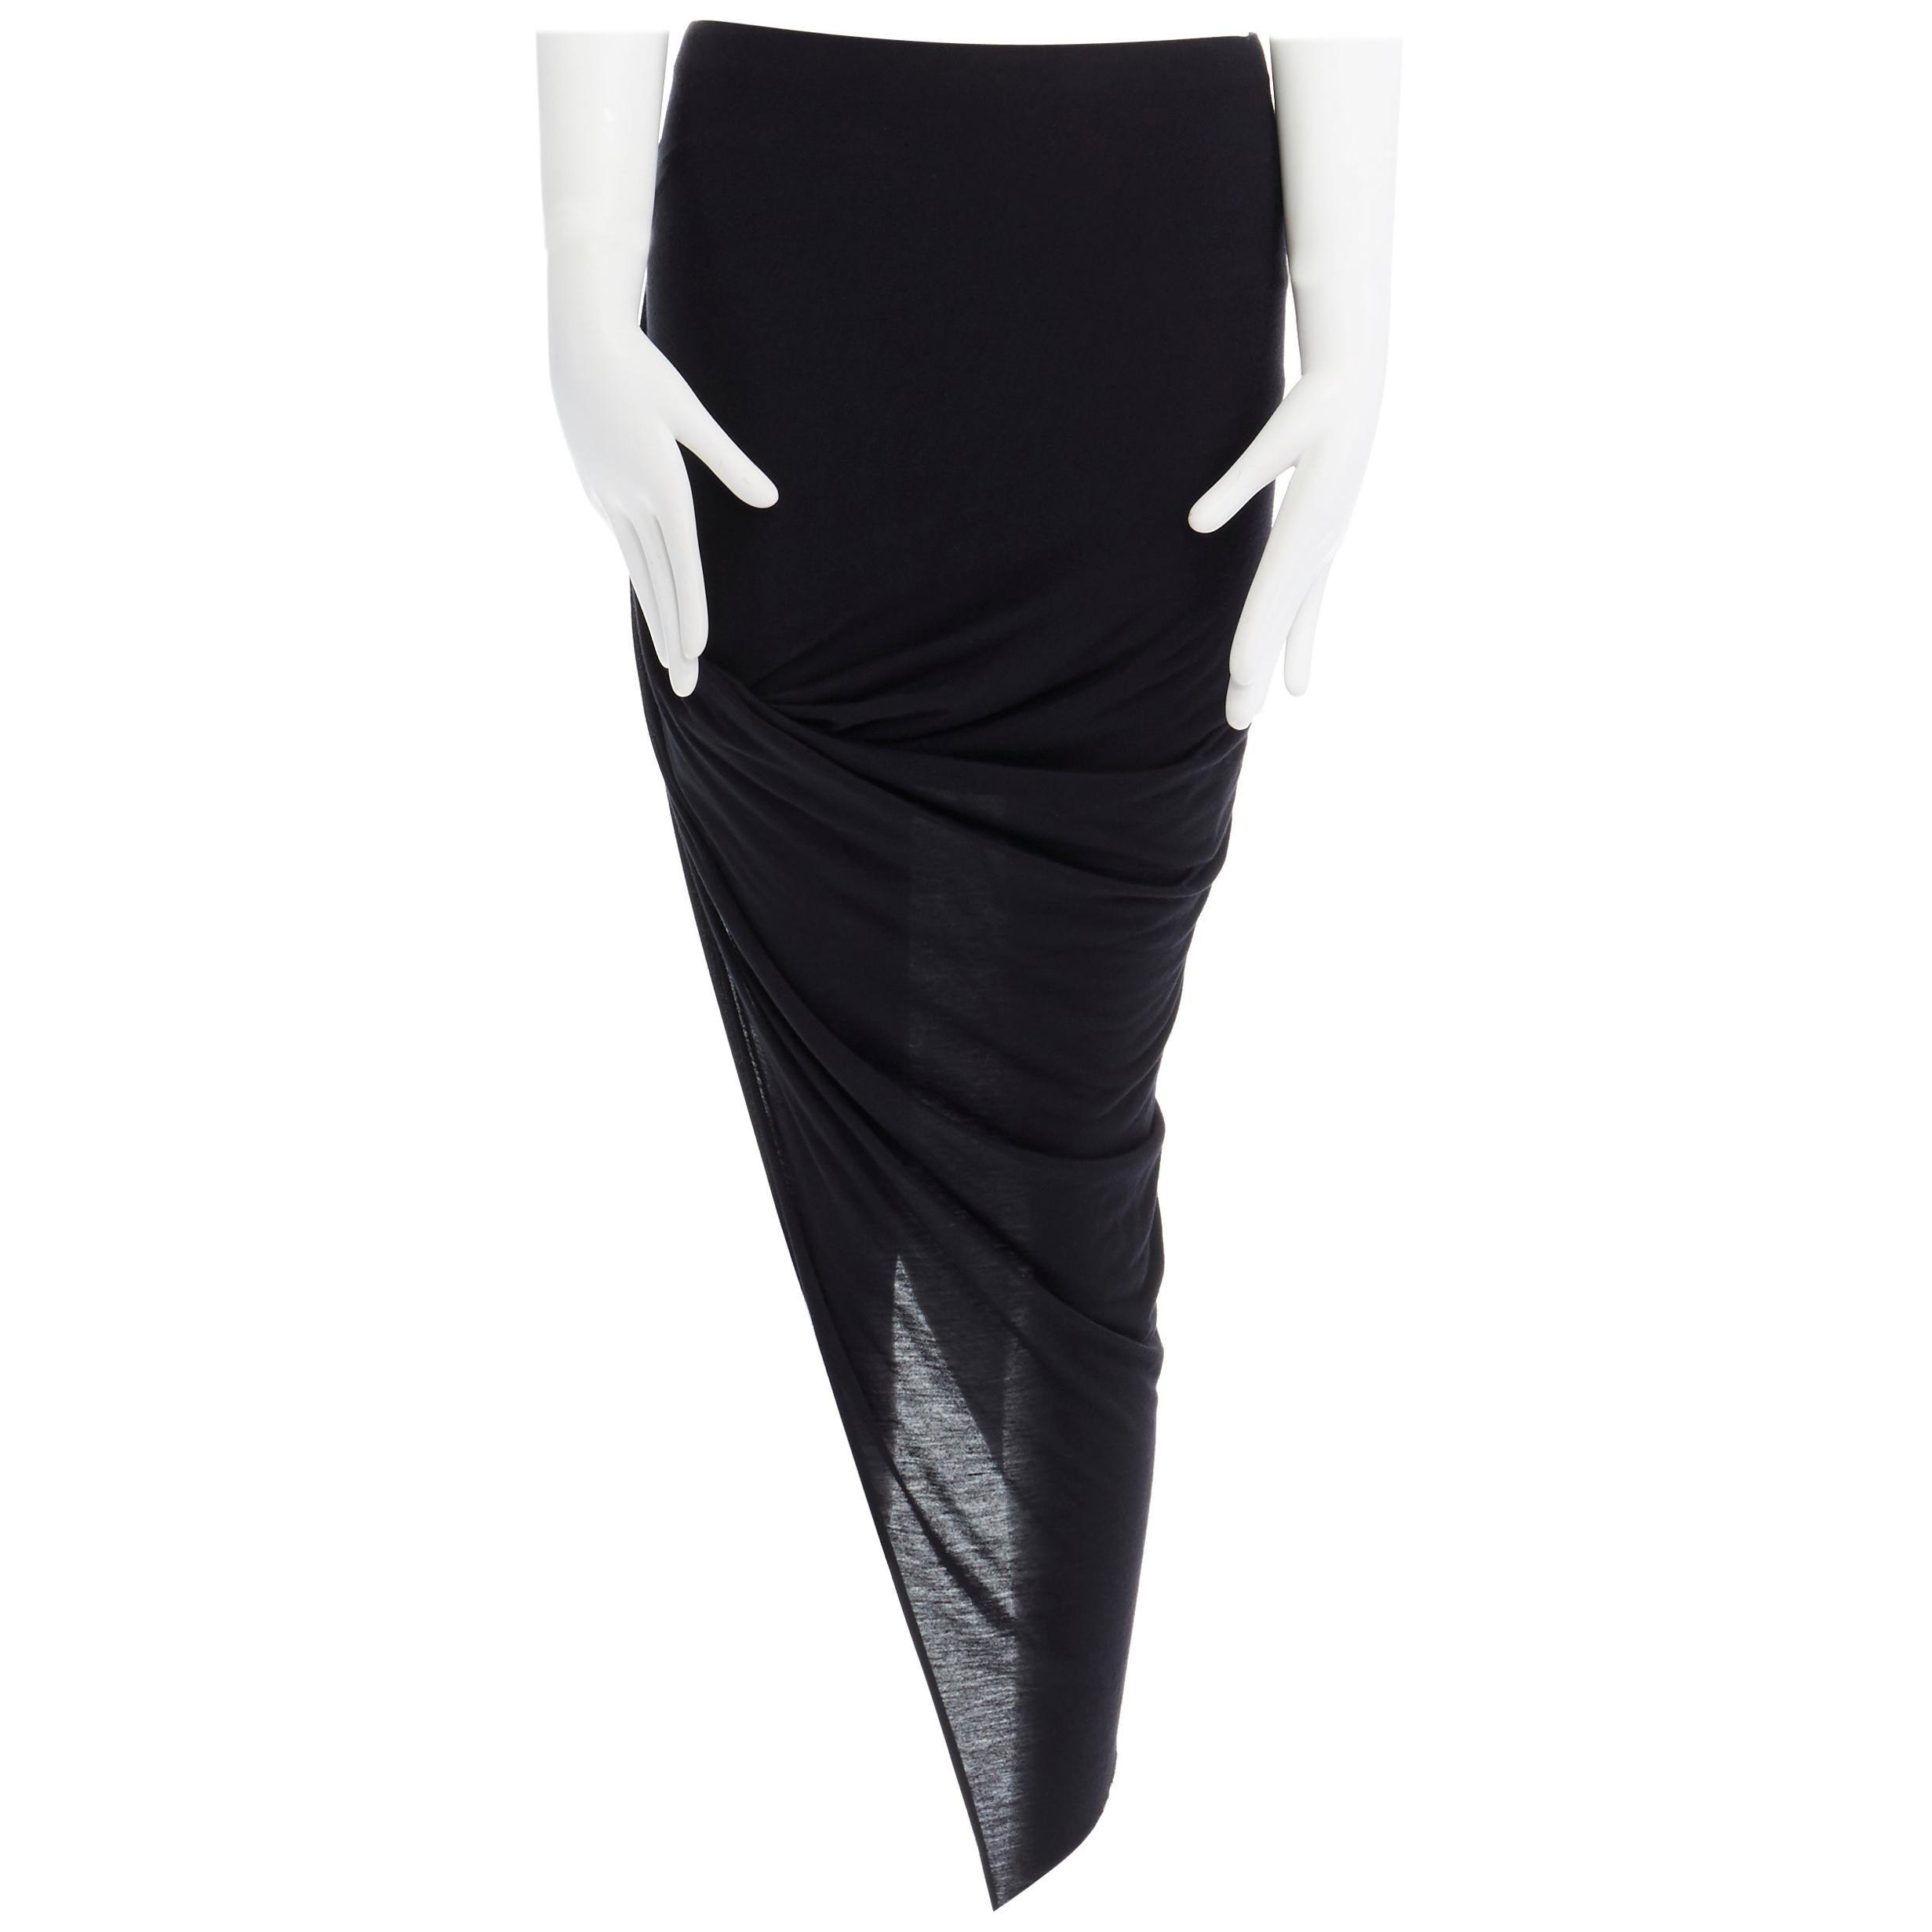 HELMUT HELMUT LANG black micro modal nylon draped open side casual skirt XS